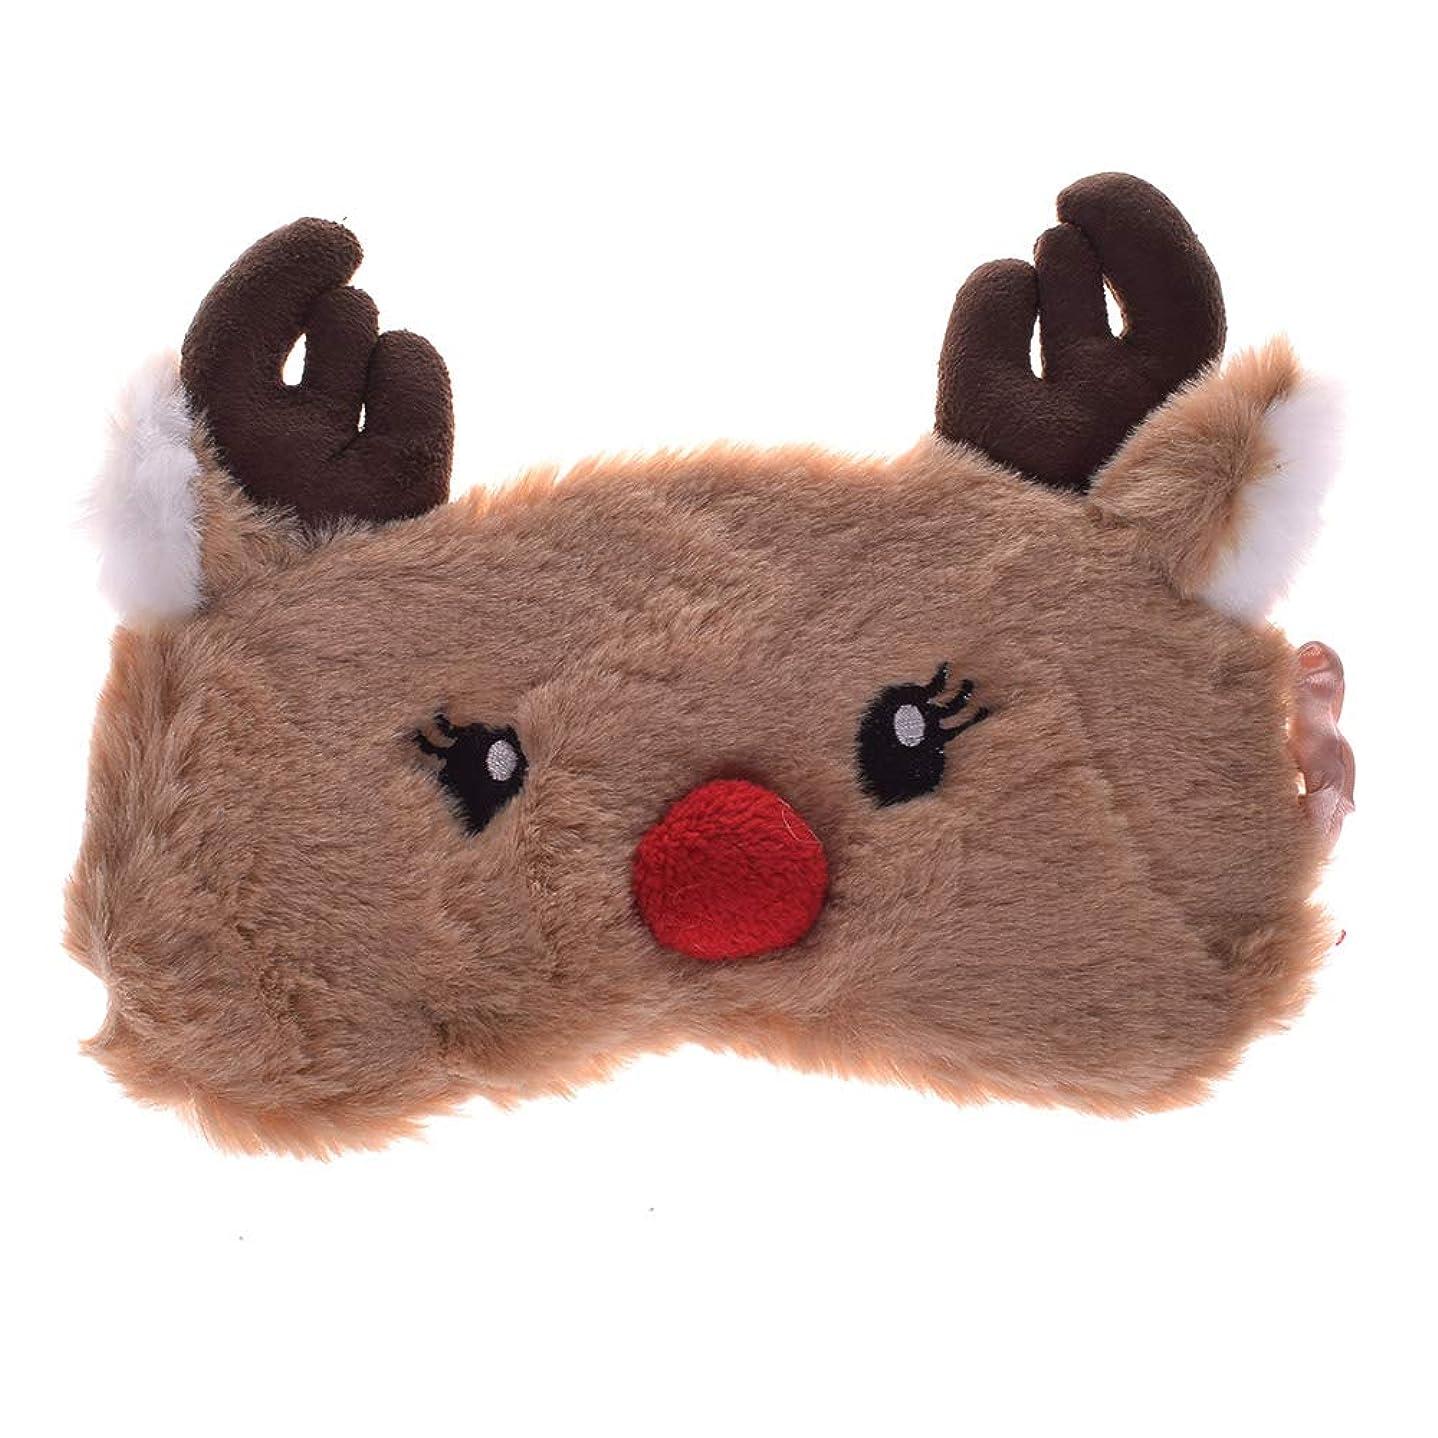 NOTE クリスマス鹿かわいいアニマルアイカバーぬいぐるみ布睡眠マスクアイパッチ冬漫画昼寝アイシェード用クリスマスギフト